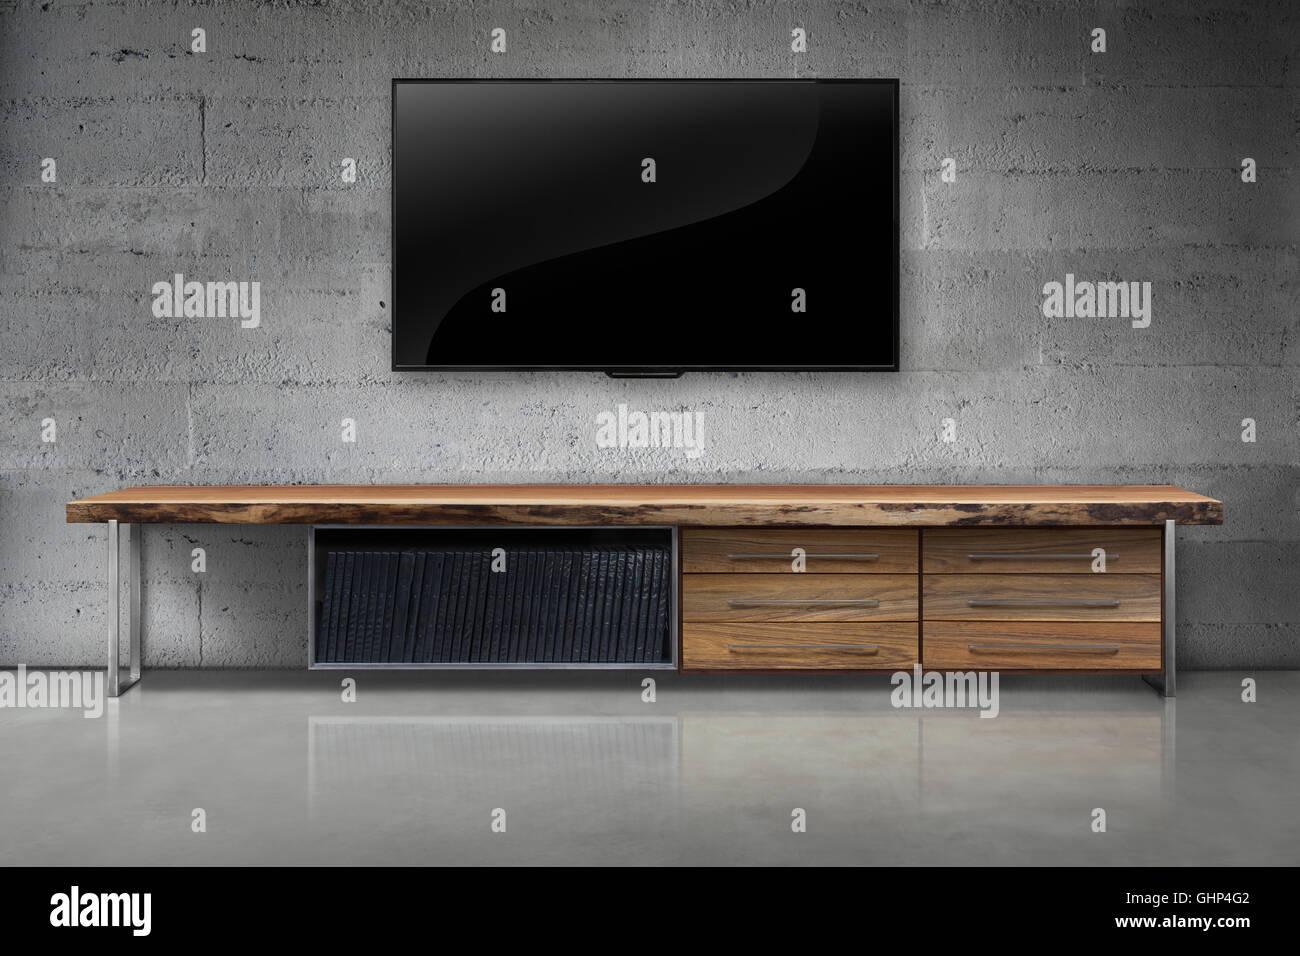 LED-tv auf Farbe Betonwand mit Holztisch Wohnzimmer Interieur ...